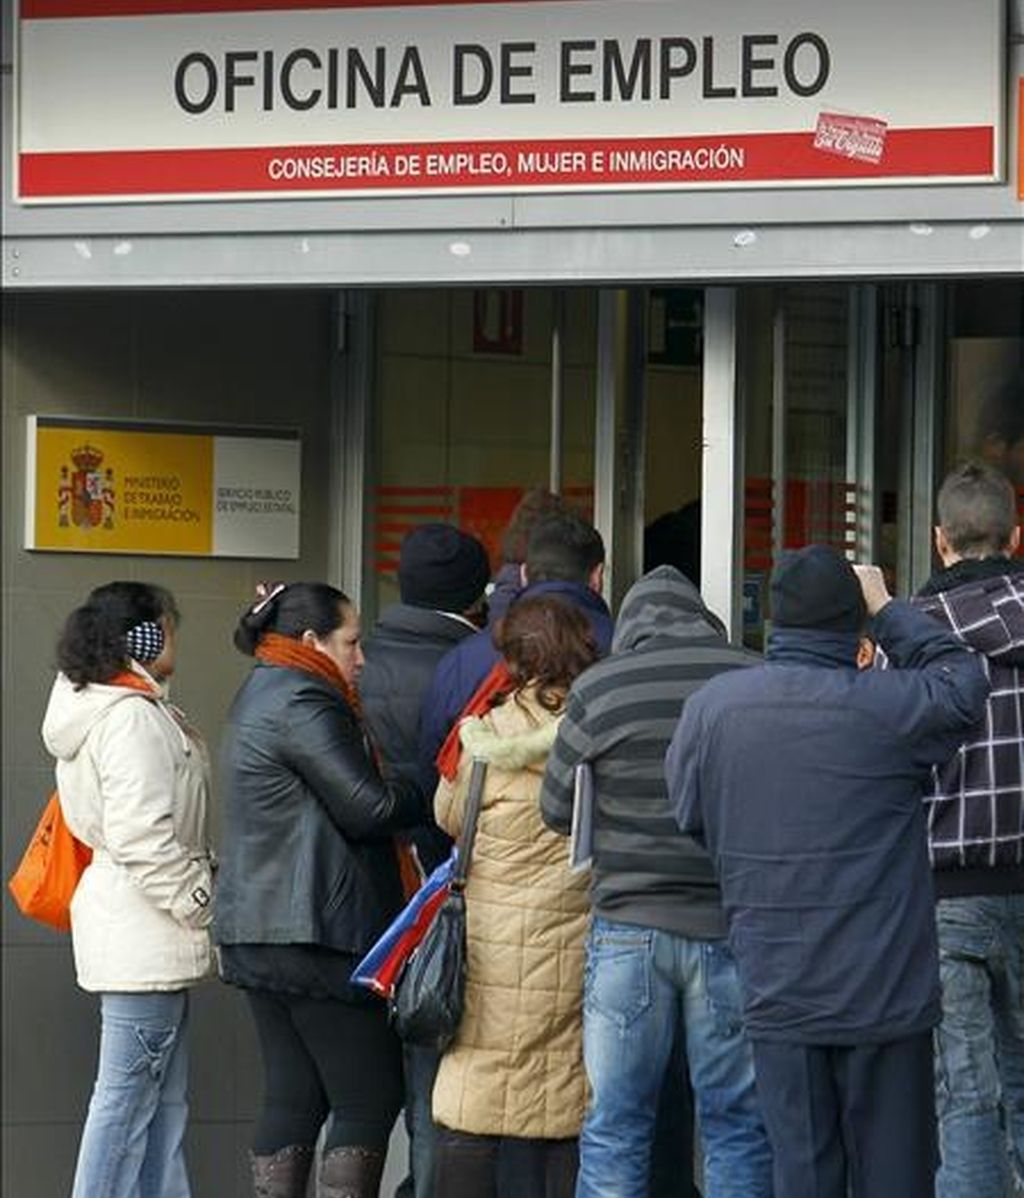 El paro subió en el mes de noviembre en doce comunidades autónomas, más en Baleares, con un 8,60 por ciento, Galicia, con un 3,50 por ciento, La Rioja, con un 2,96, y Cantabria, con un 2,52 por ciento, y bajó en cinco, entre ellas Madrid. En la imagen, gente haciendo cola para entrar en una oficina de empleo en Madrid. EFE